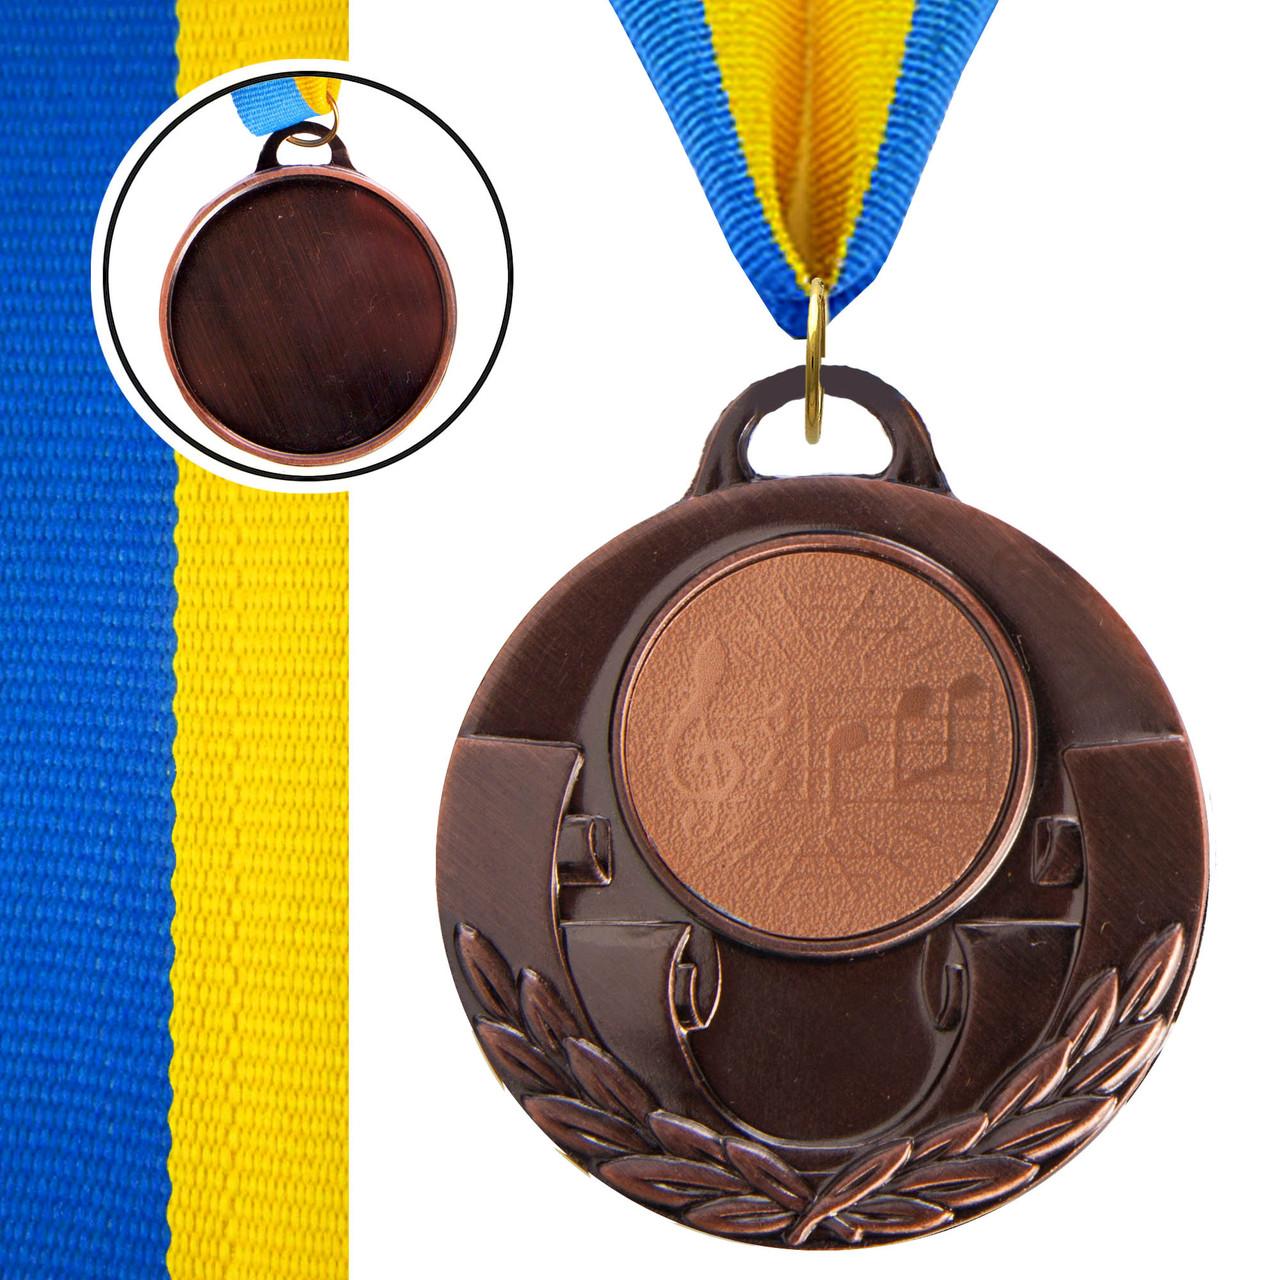 Медаль спортивная с лентой AIM d-5см Музыка (металл, 25g, 1-золото, 2-серебро, 3-бронза) Бронзовый PZ-C-4846-0067_1